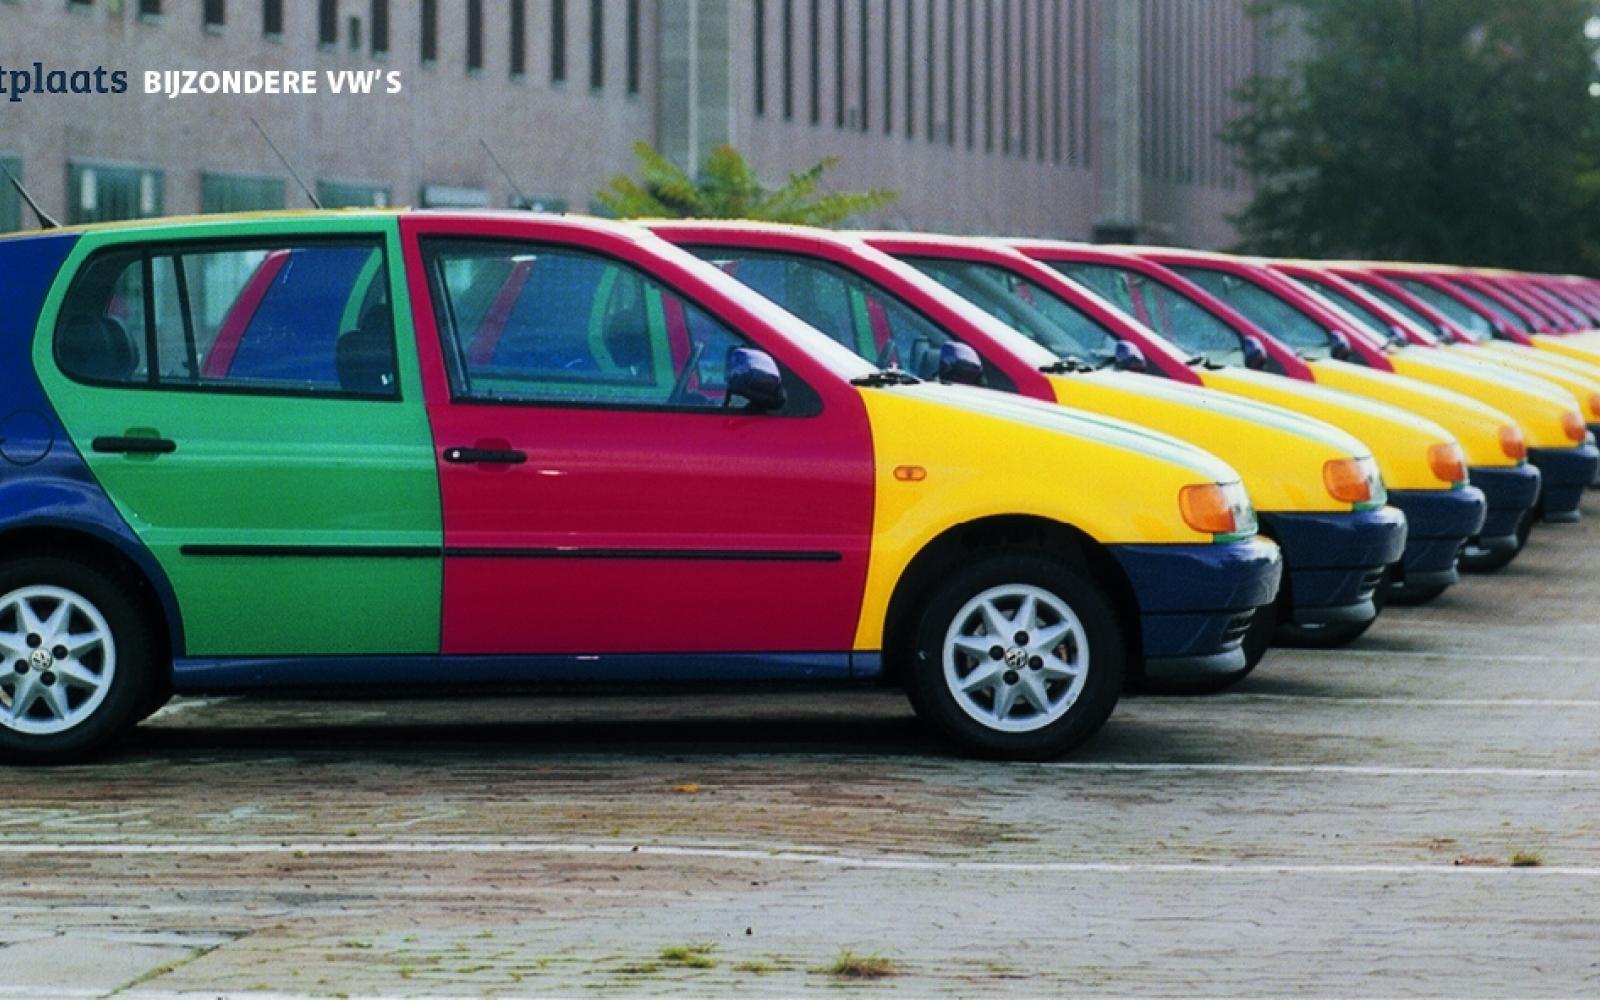 Design Stoelen Tweedehands Marktplaats.5 Tweedehands Volkswagen S Die Net Even Anders Zijn Autowereld Com